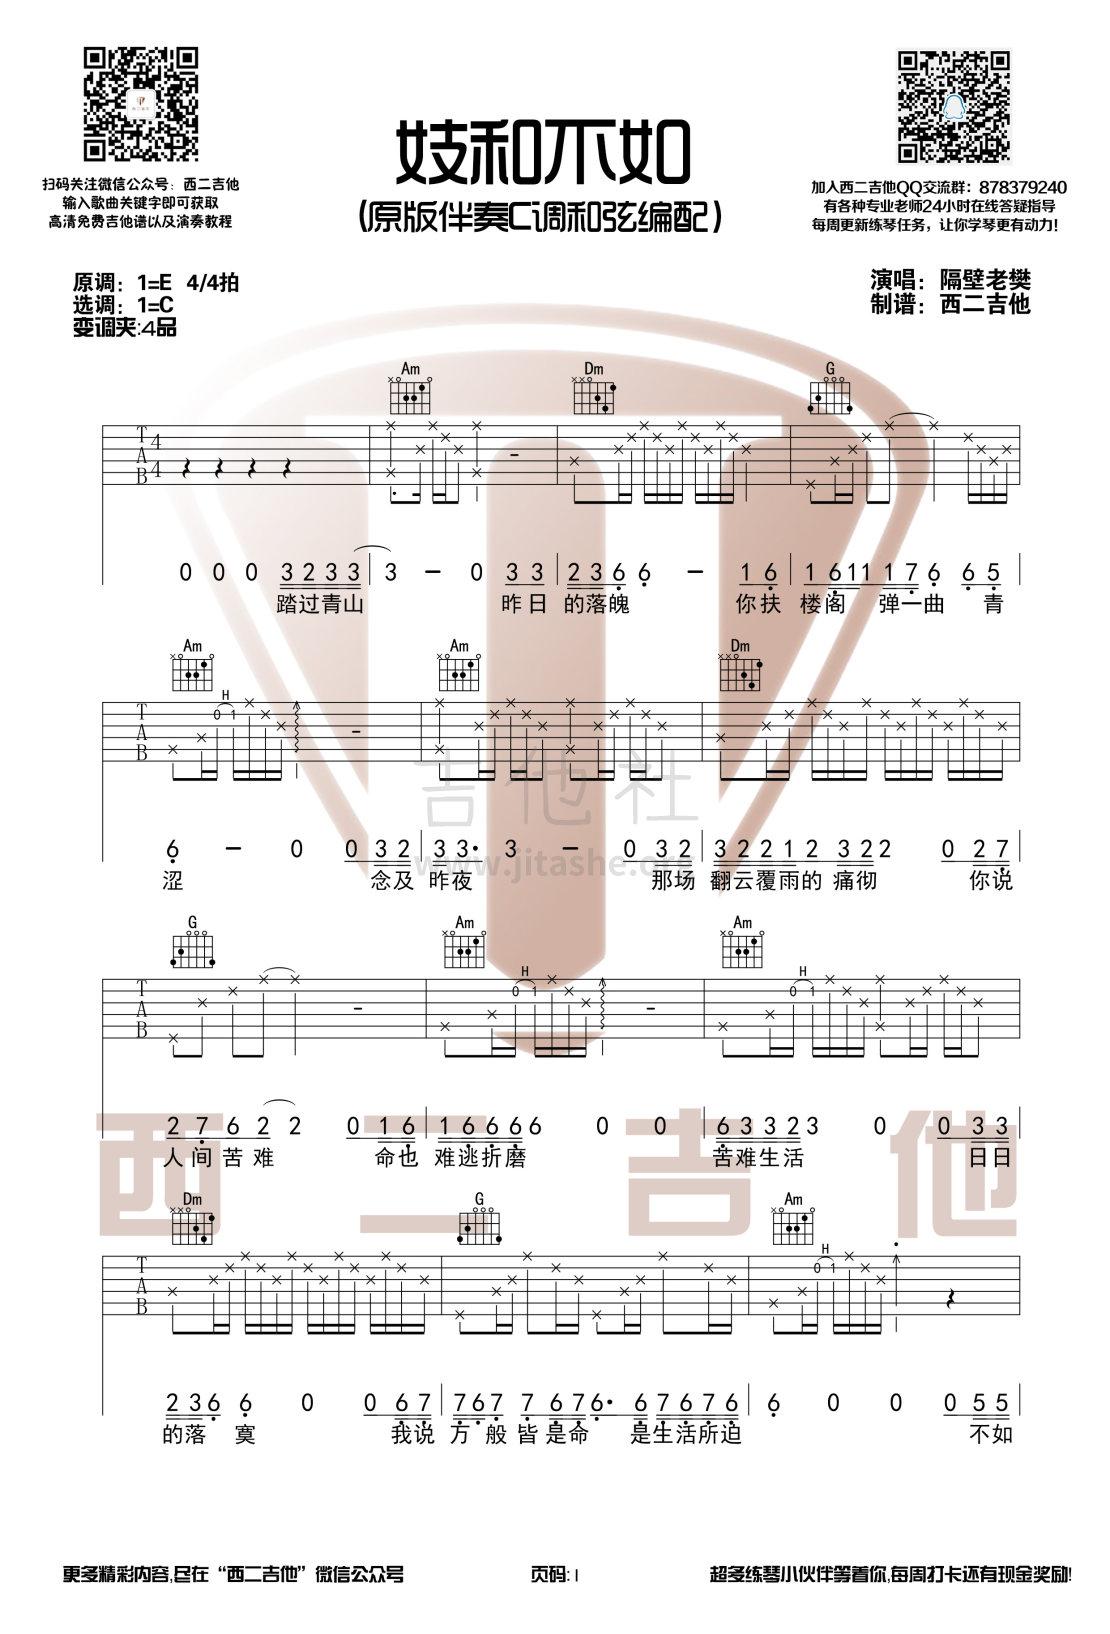 妓和不如吉他谱(图片谱,西二吉他,原版伴奏,民谣)_隔壁老樊_妓和不如1.jpg